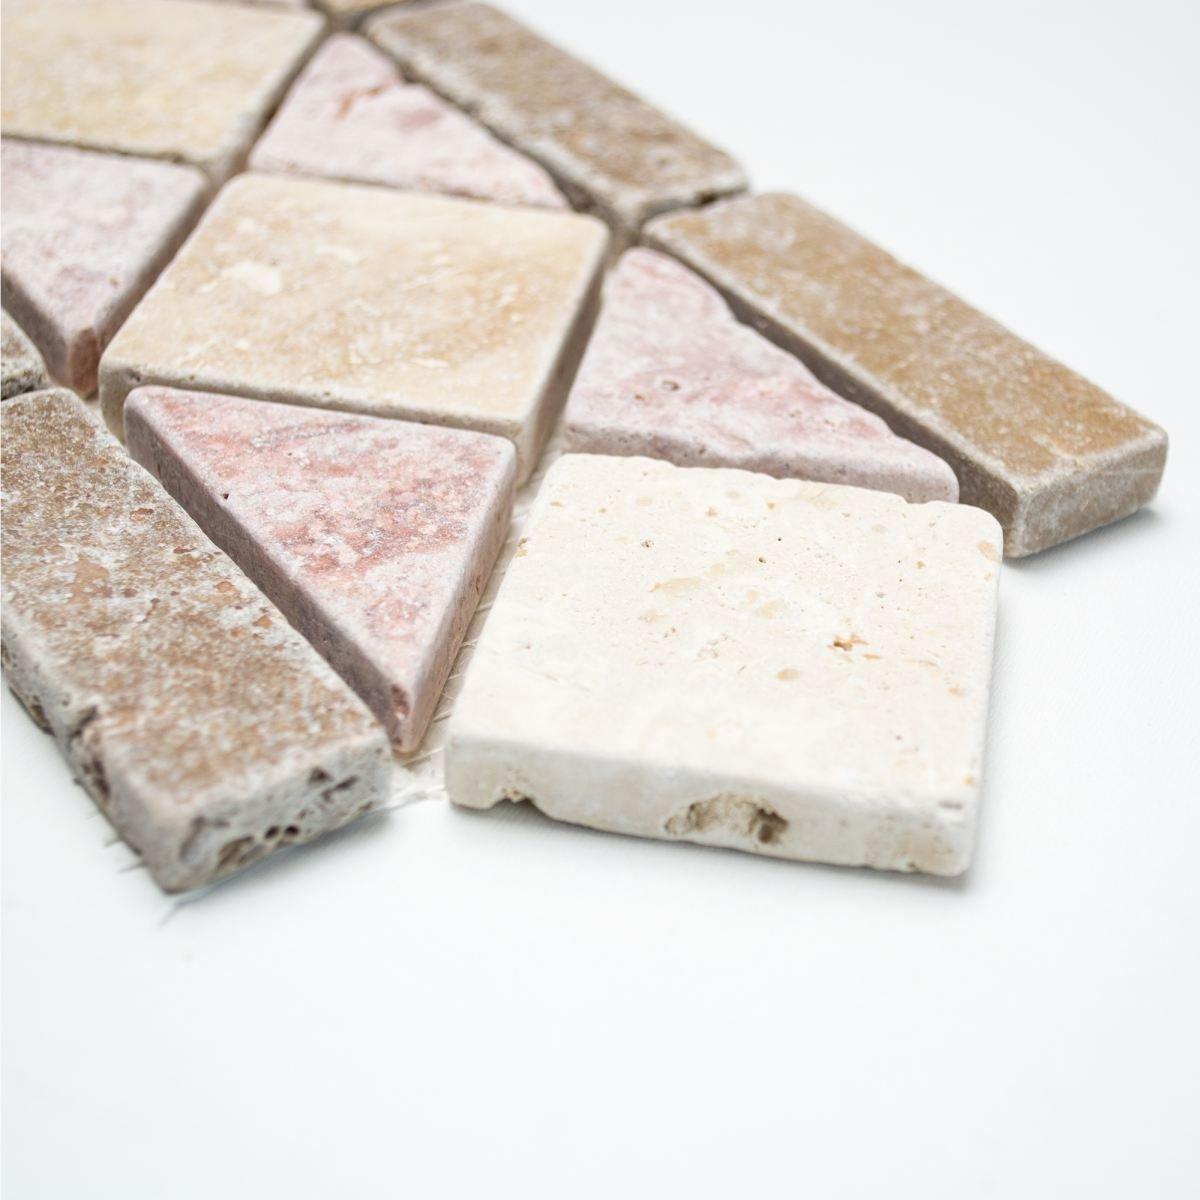 Borde Travertine cenefa piedra natural beige rojo marr/ón cenefa 12,5/x 30,5/x 1/Pluto para suelo pared ba/ño inodoro ducha cocina azulejos Espejo Mostradores cubierta para ba/ñera Mosaico Matte mosaico placa